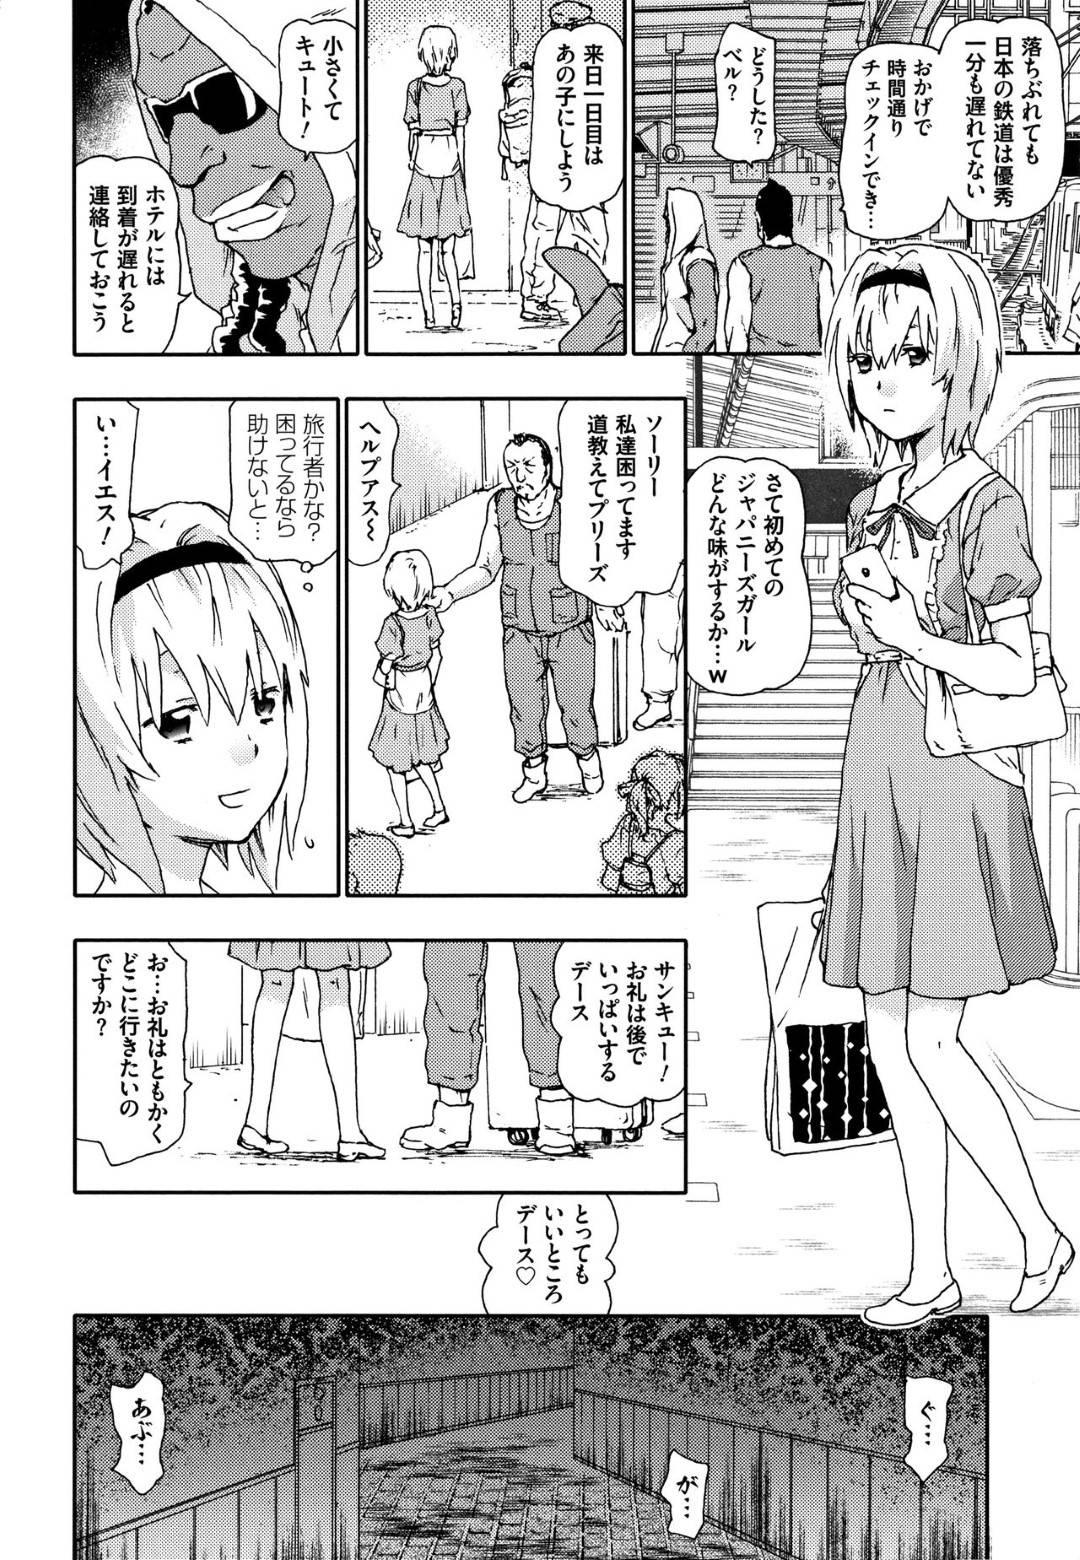 【エロ漫画】観光立国目指して外国人観光客のレイプ公認となり餌食となった女の子たち…まるで食べ歩きのように日々繰り返される集団レイプを止めることは出来ず政府は更にレイプ目的の外国人を呼び込もうとしていた【茶否:みんなで犯ろうよ!レイプ立国JAPAN】